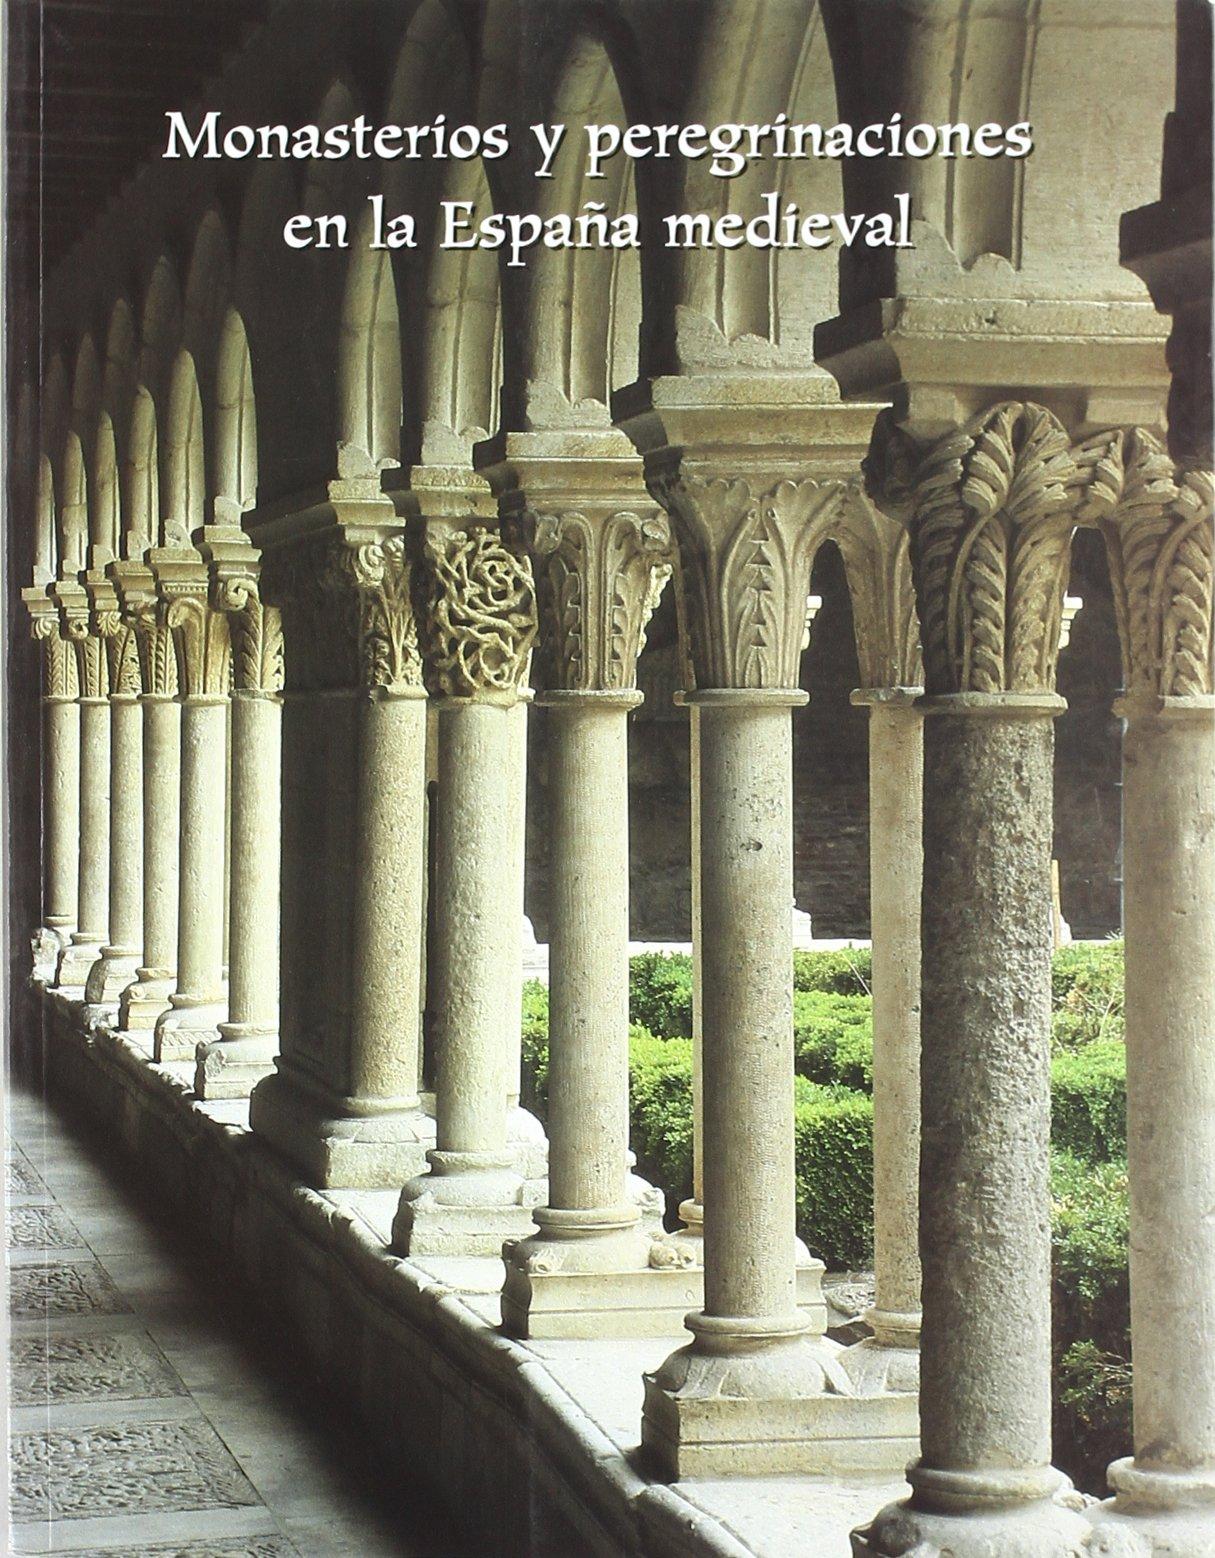 Monasterios y peregrinaciones en la España medieval: Amazon.es: Vv.Aa.: Libros